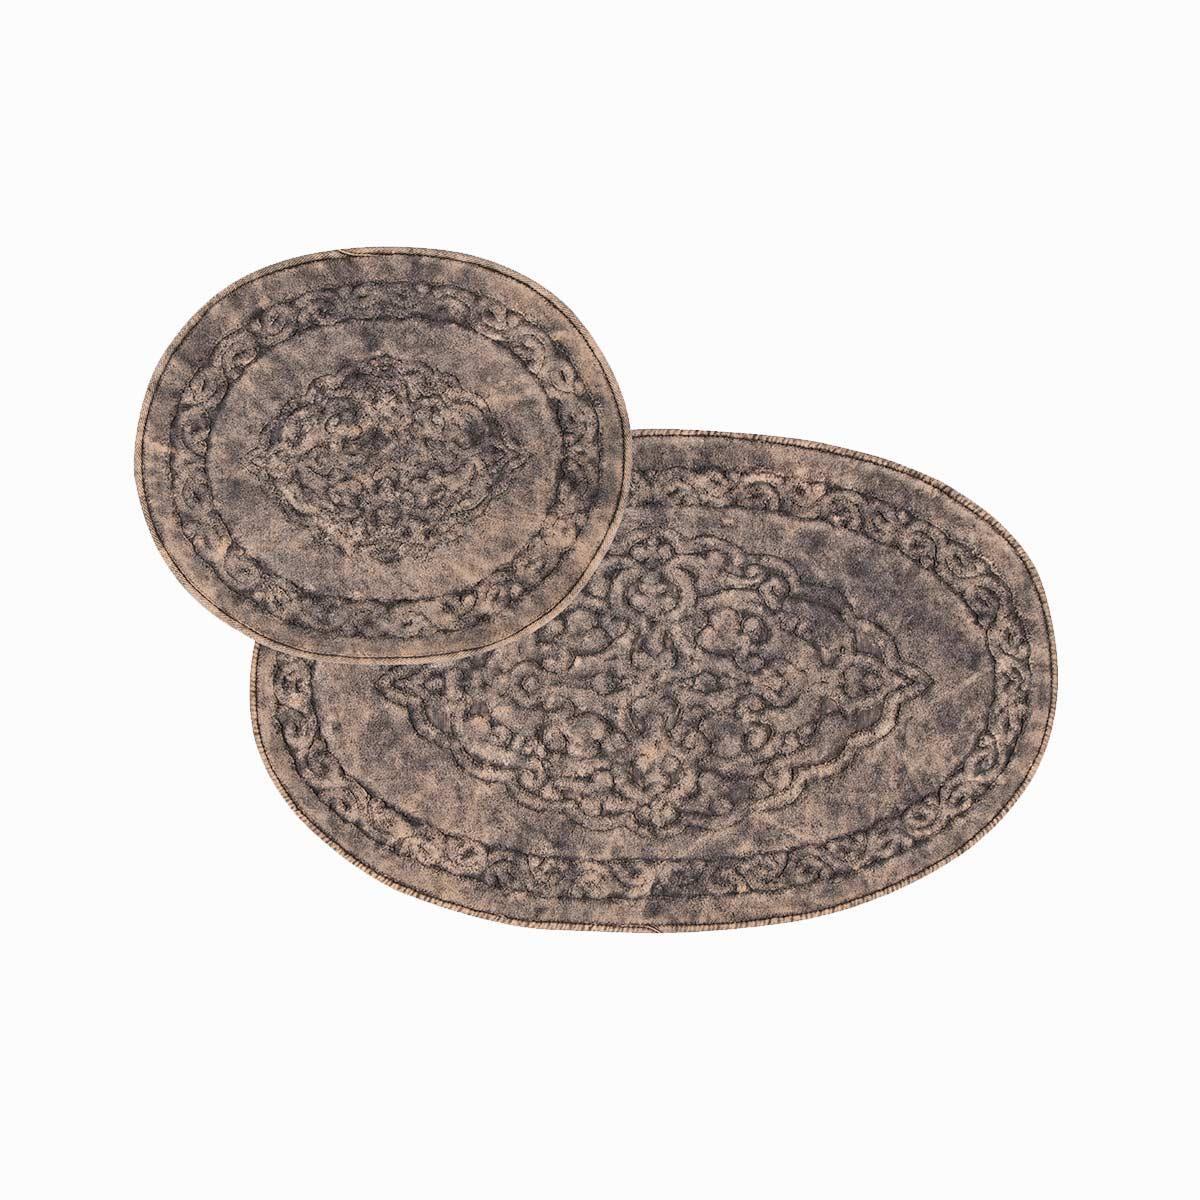 Набір килимків 2 предмета коричневі Antik Arya AR-TR1006873-brown